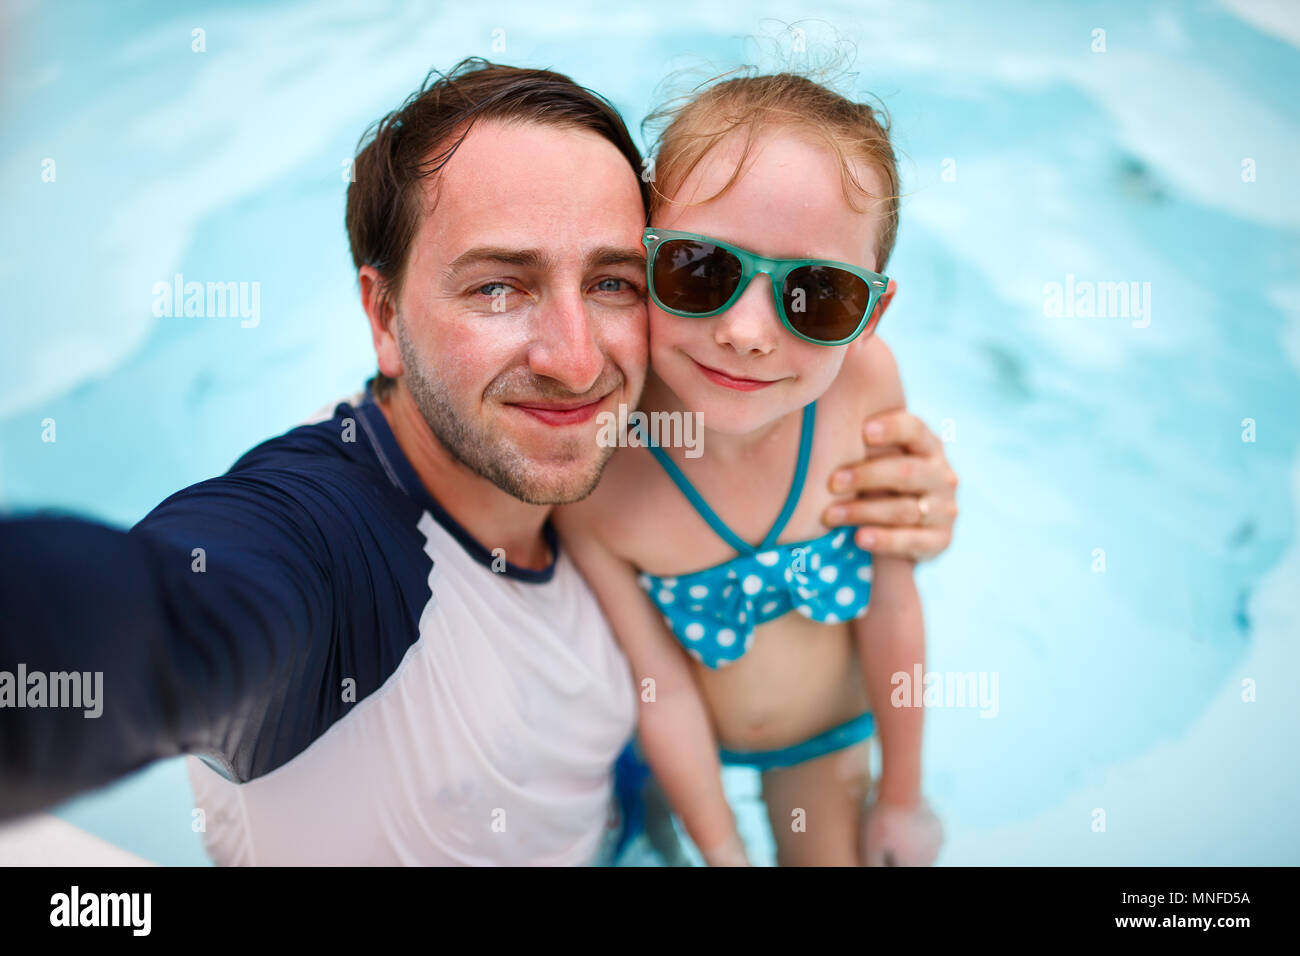 Padre de familia feliz y su adorable hija pequeña en una piscina al aire libre haciendo selfie Imagen De Stock